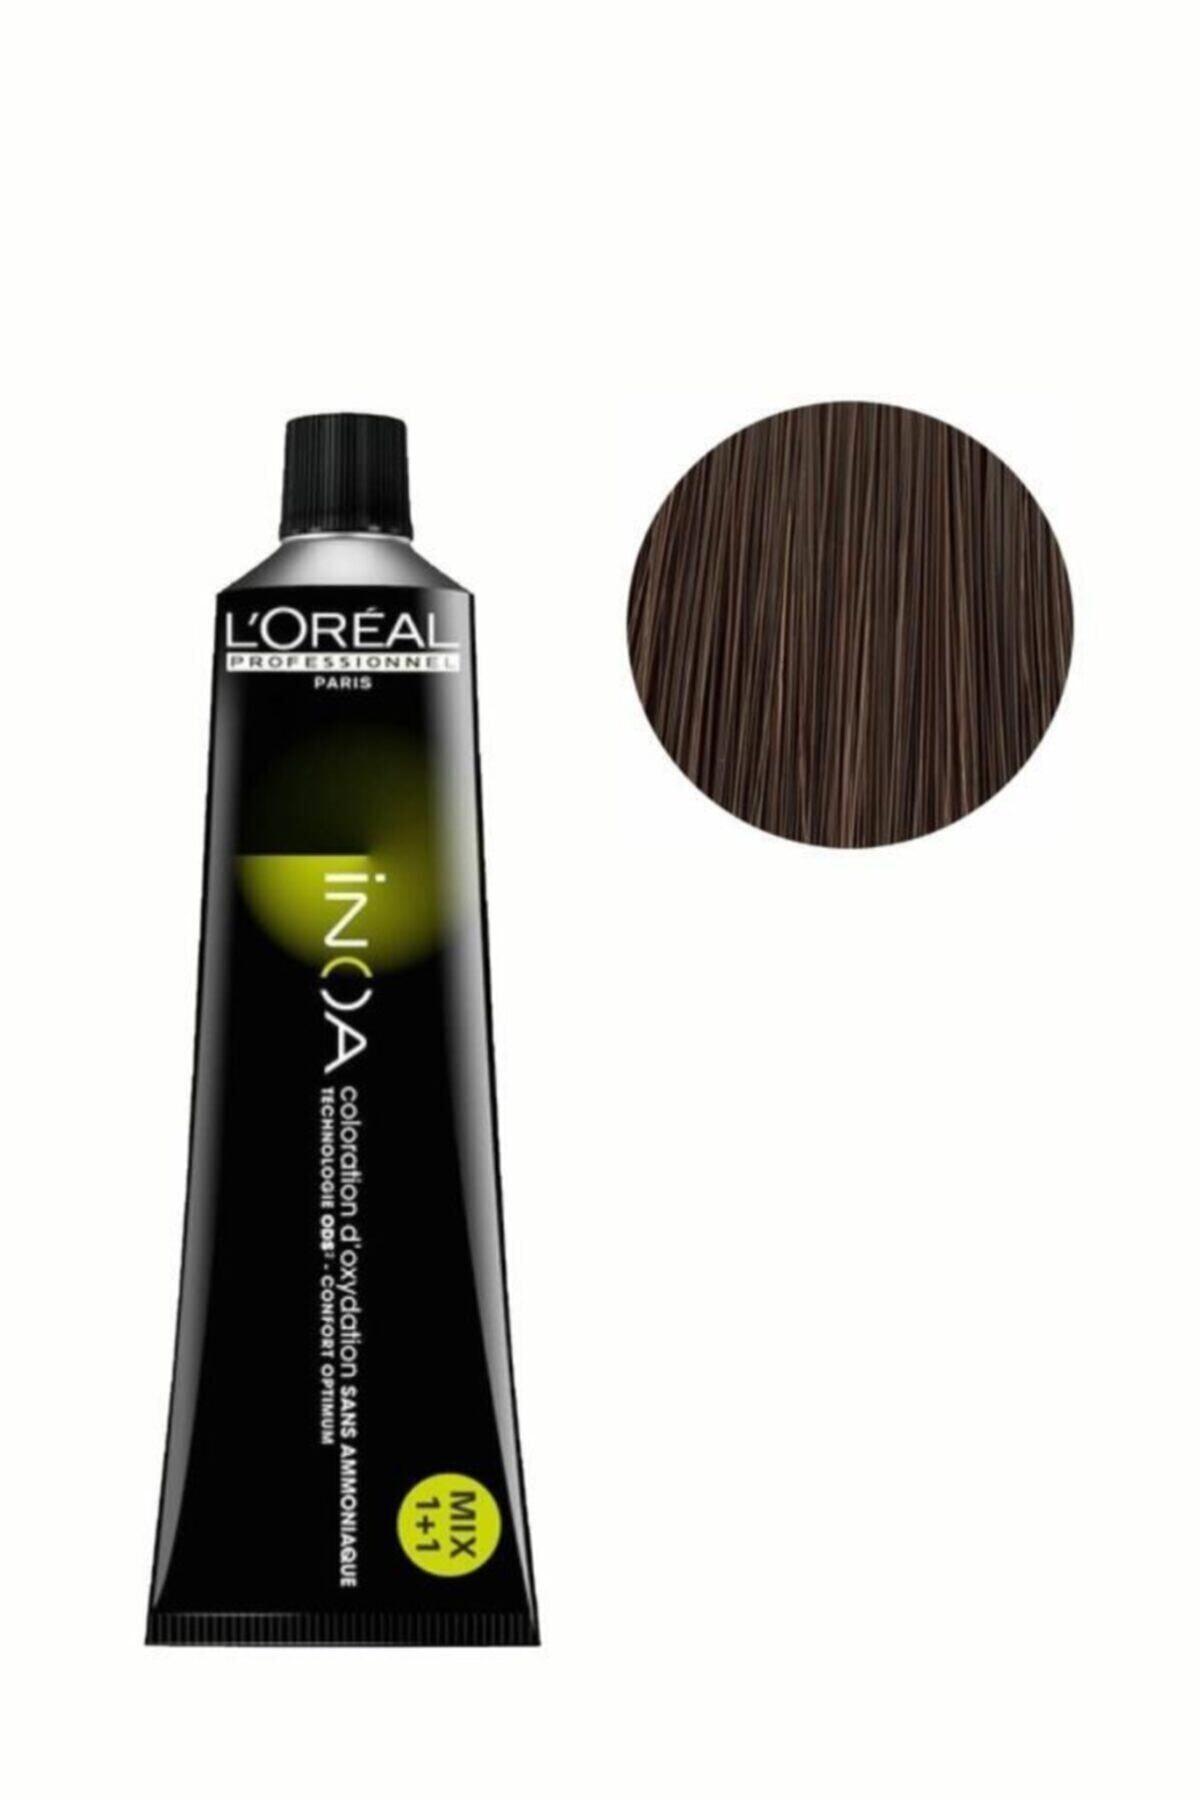 İNOA Yoğun Kumral Oksidansız Saç Boyası 6,0 3474630491717 2